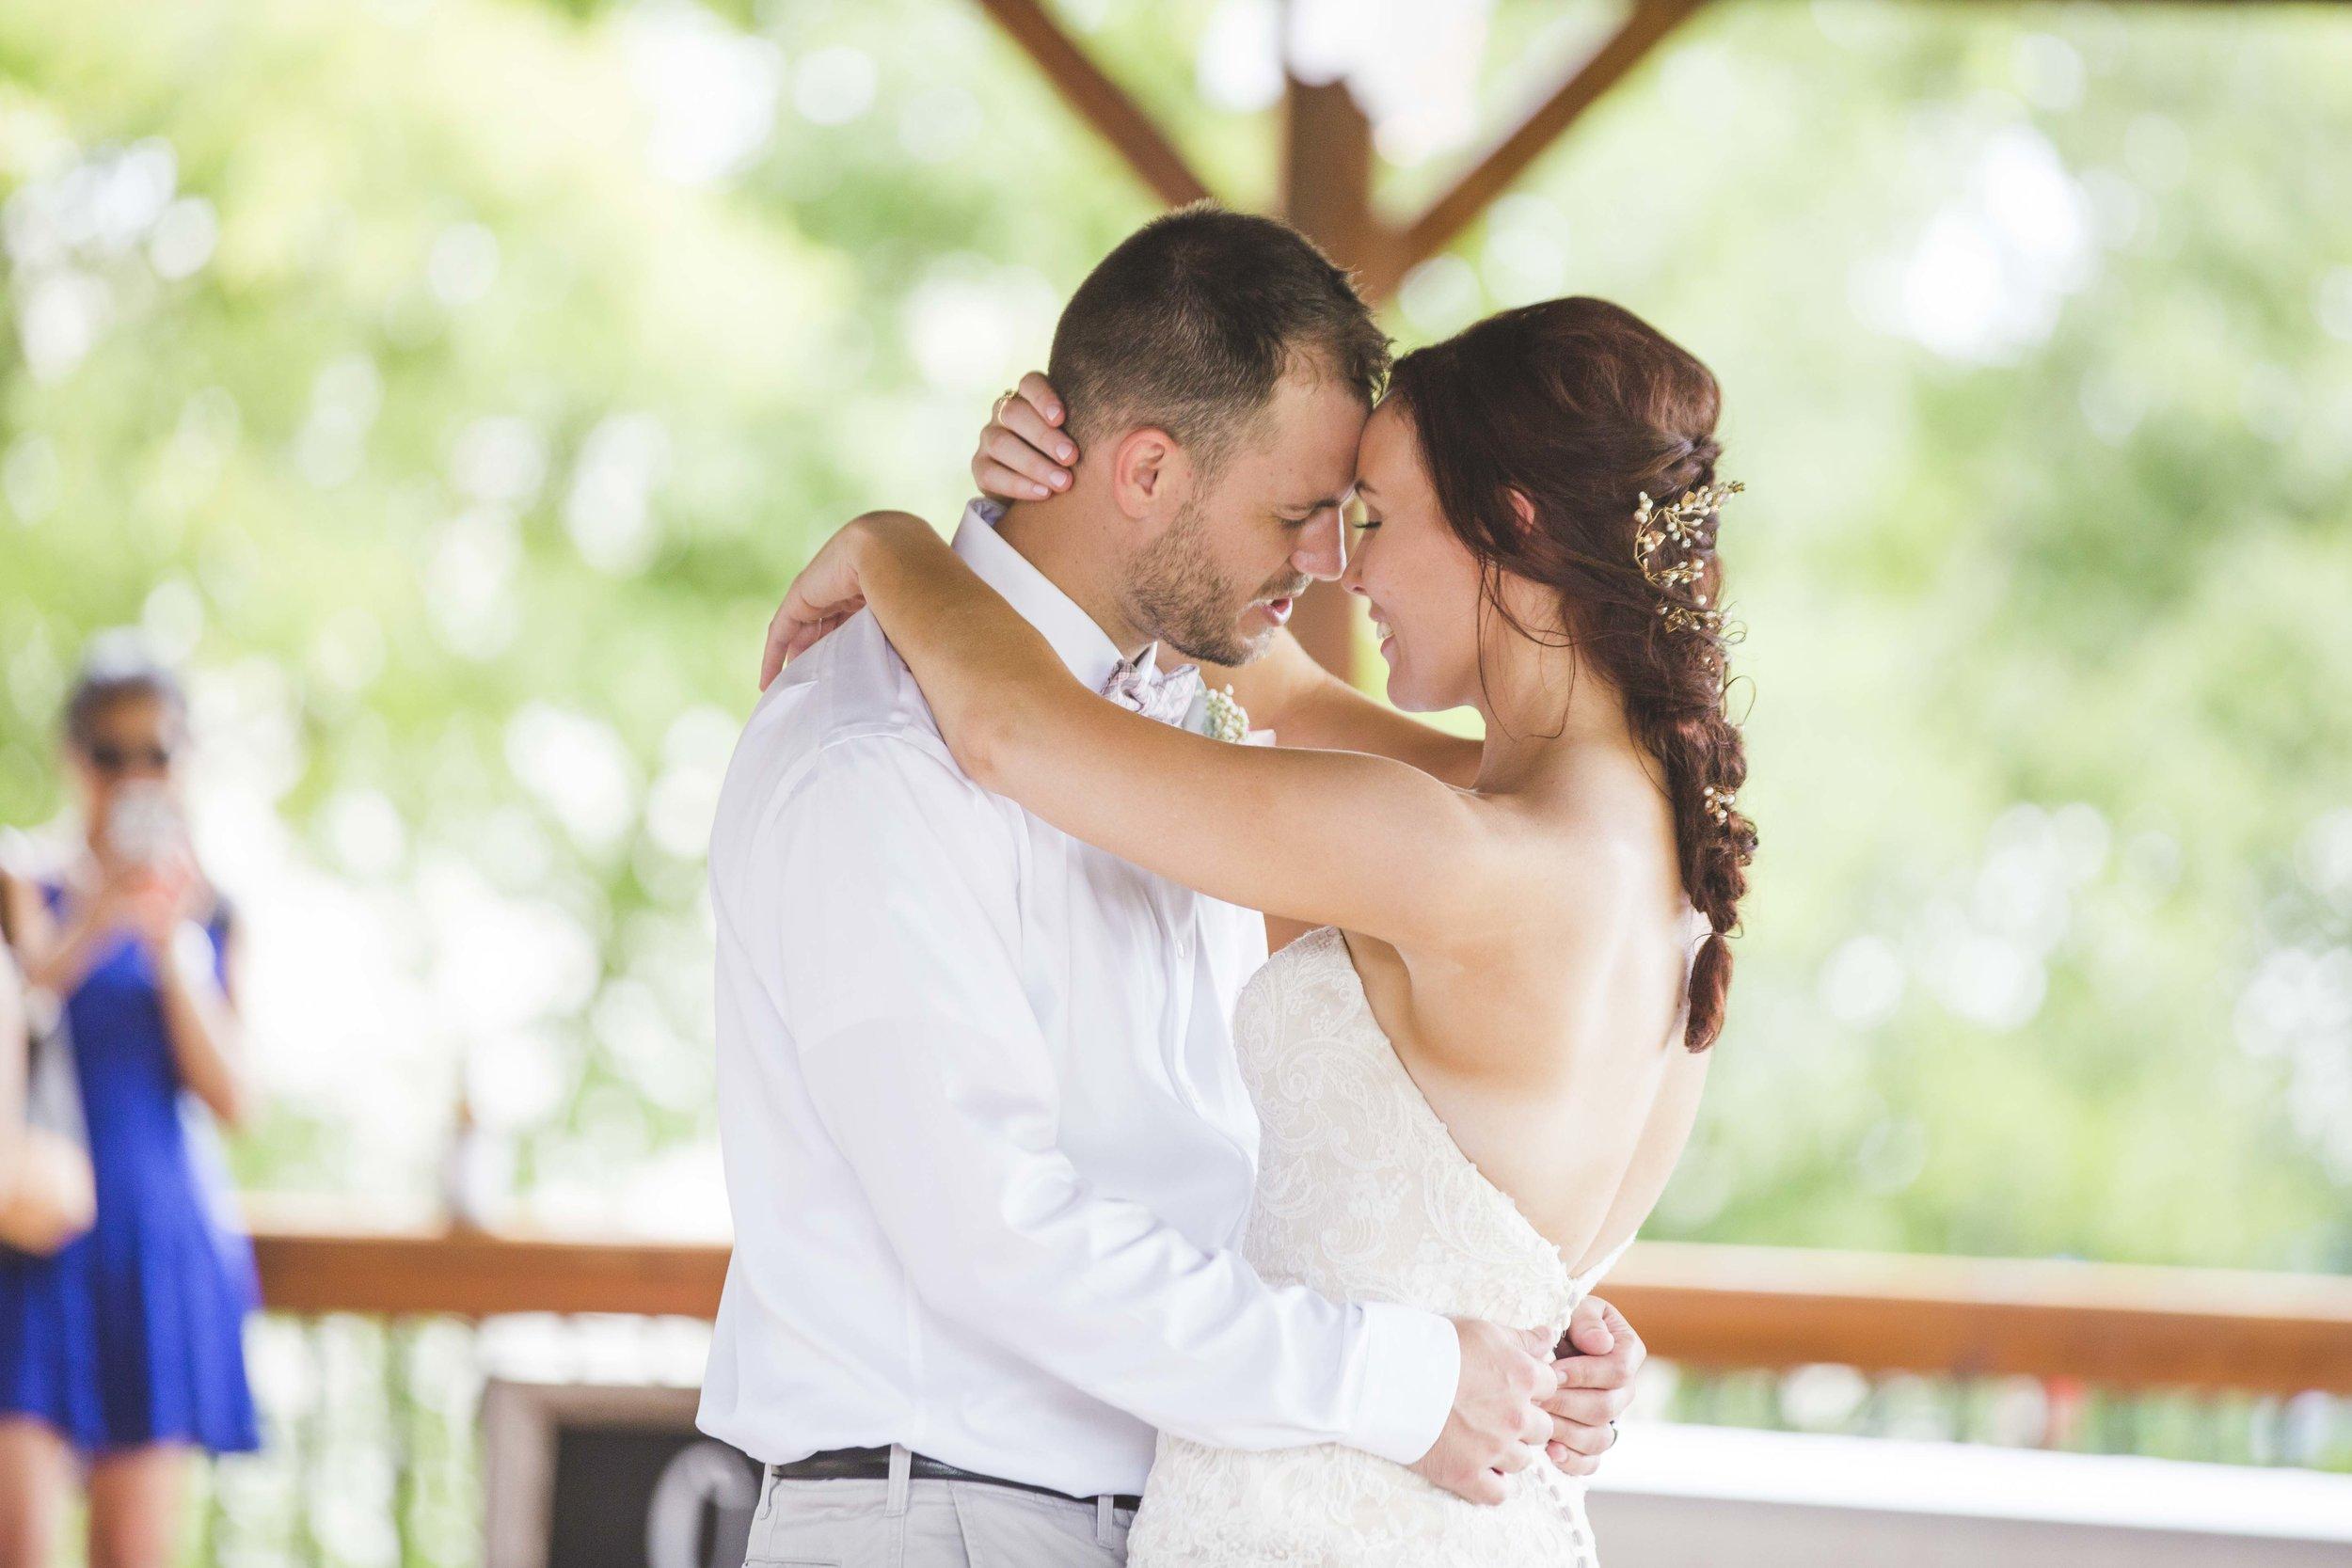 ATGI_Susanna & Matt Wedding_717A8487.jpg